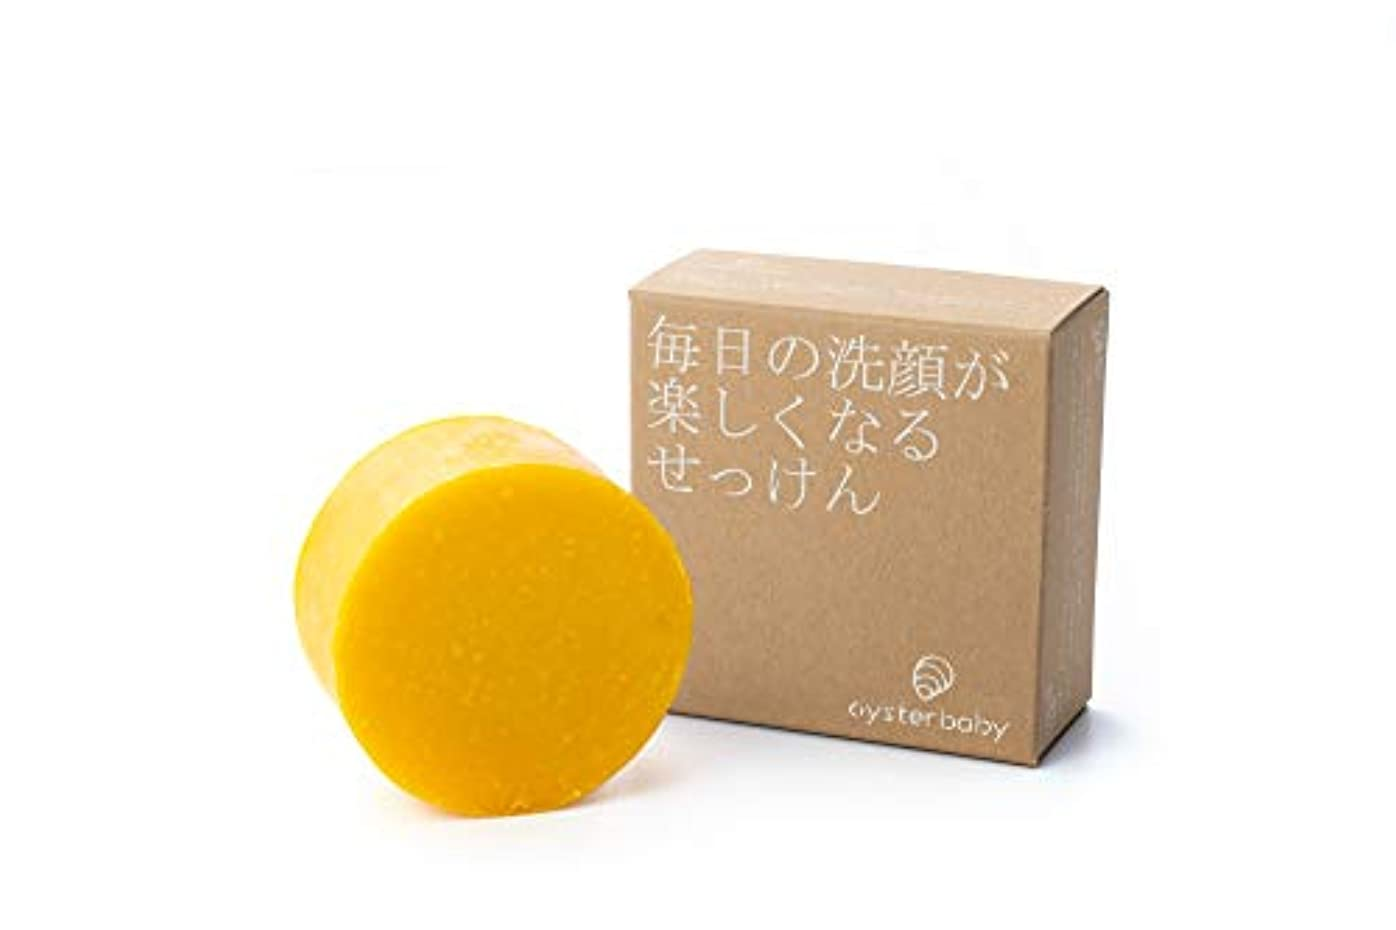 登るテーブルカヌーオイスターベイビー 洗顔石鹸 オレンジ&ラベンダー コールドプロセス製法 手作り石鹸 日本製